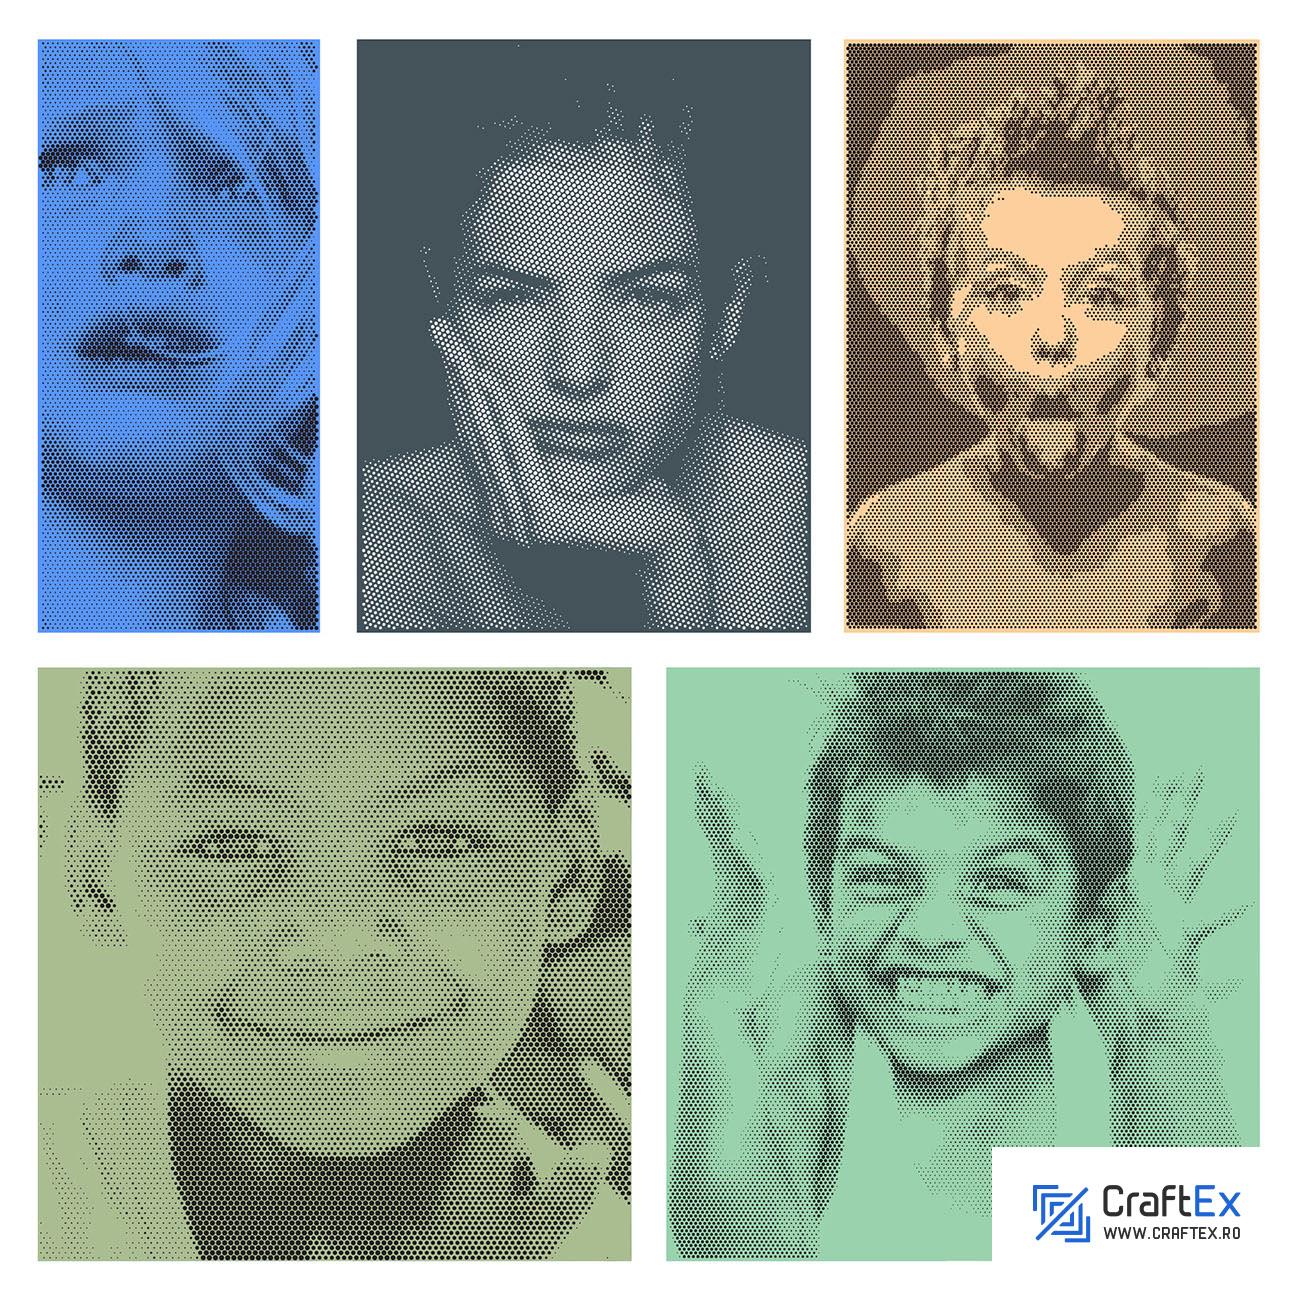 www.craftex.ro - Portrete